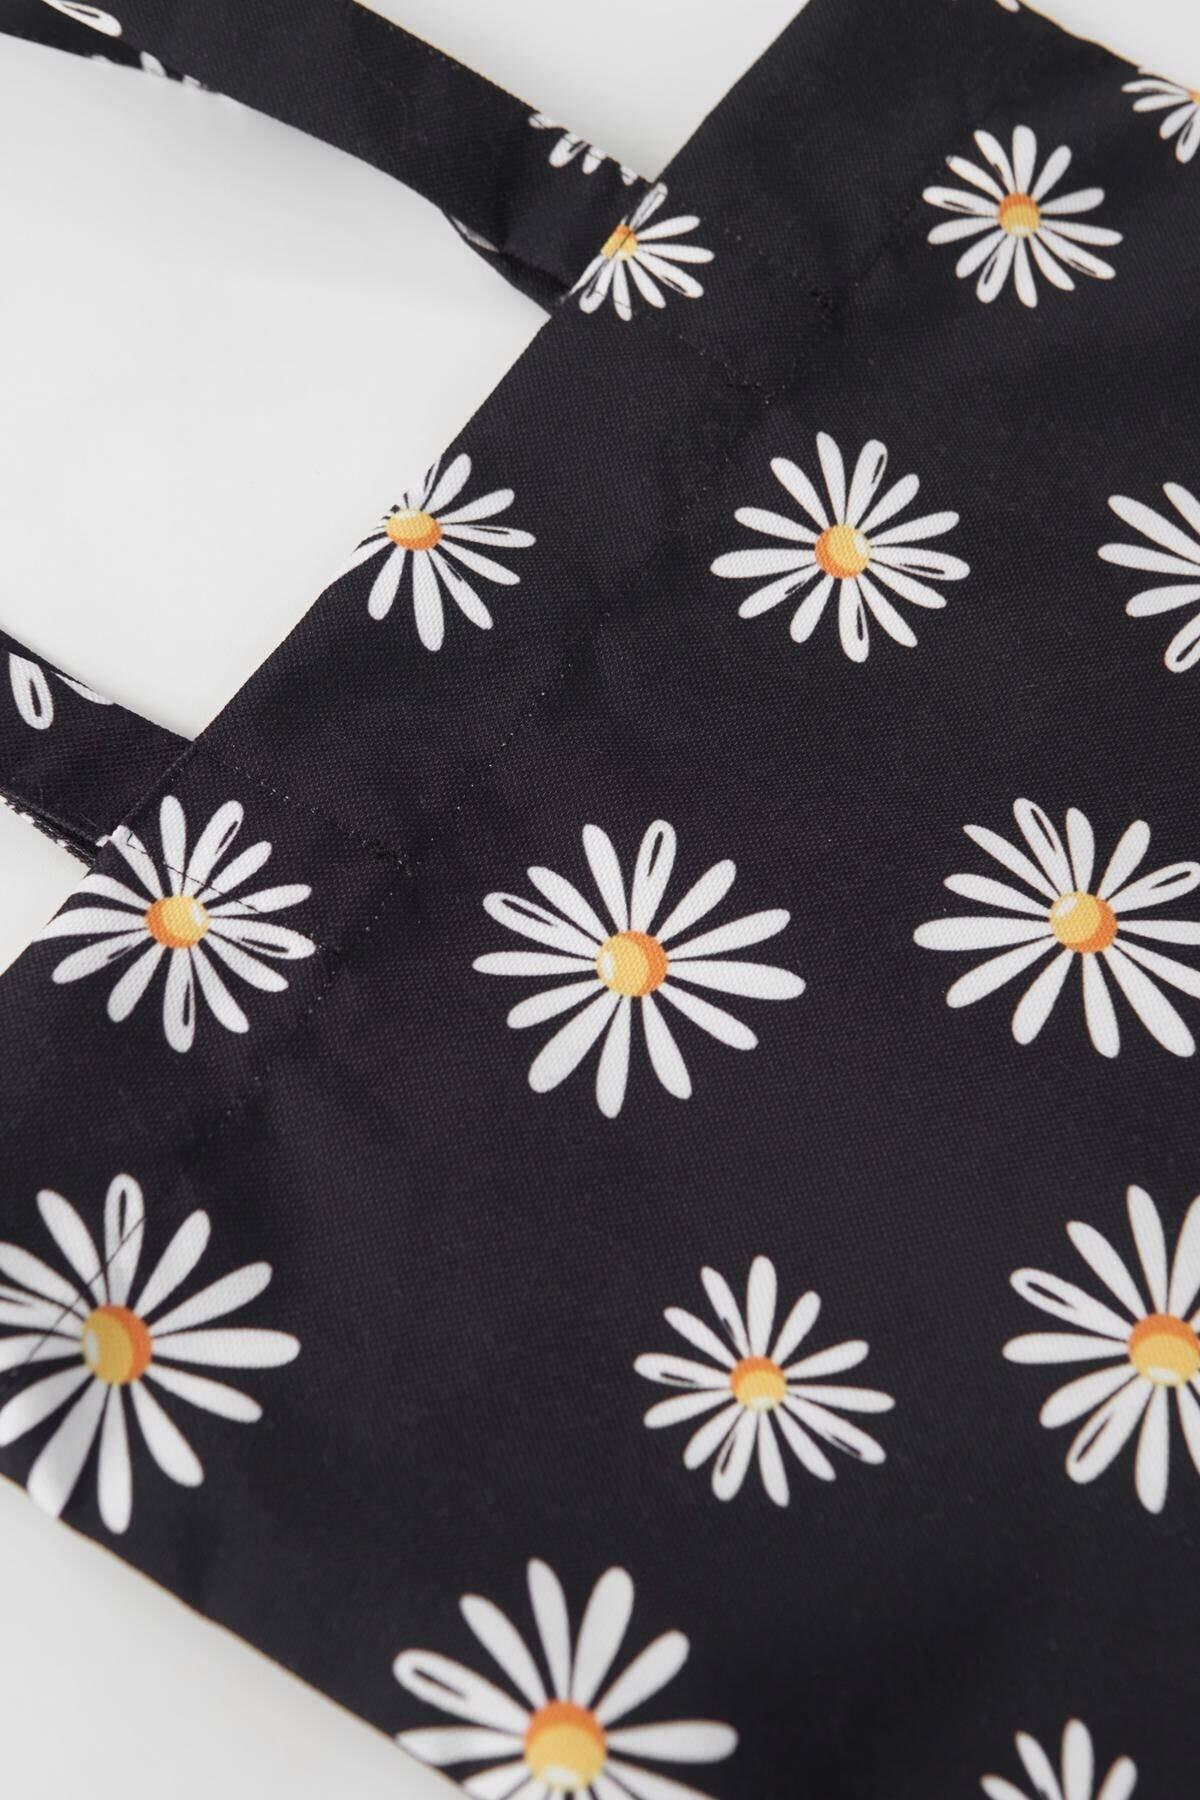 Addax Kadın Siyah Desenli Çanta Ç21 - F8 Adx-0000023816 1